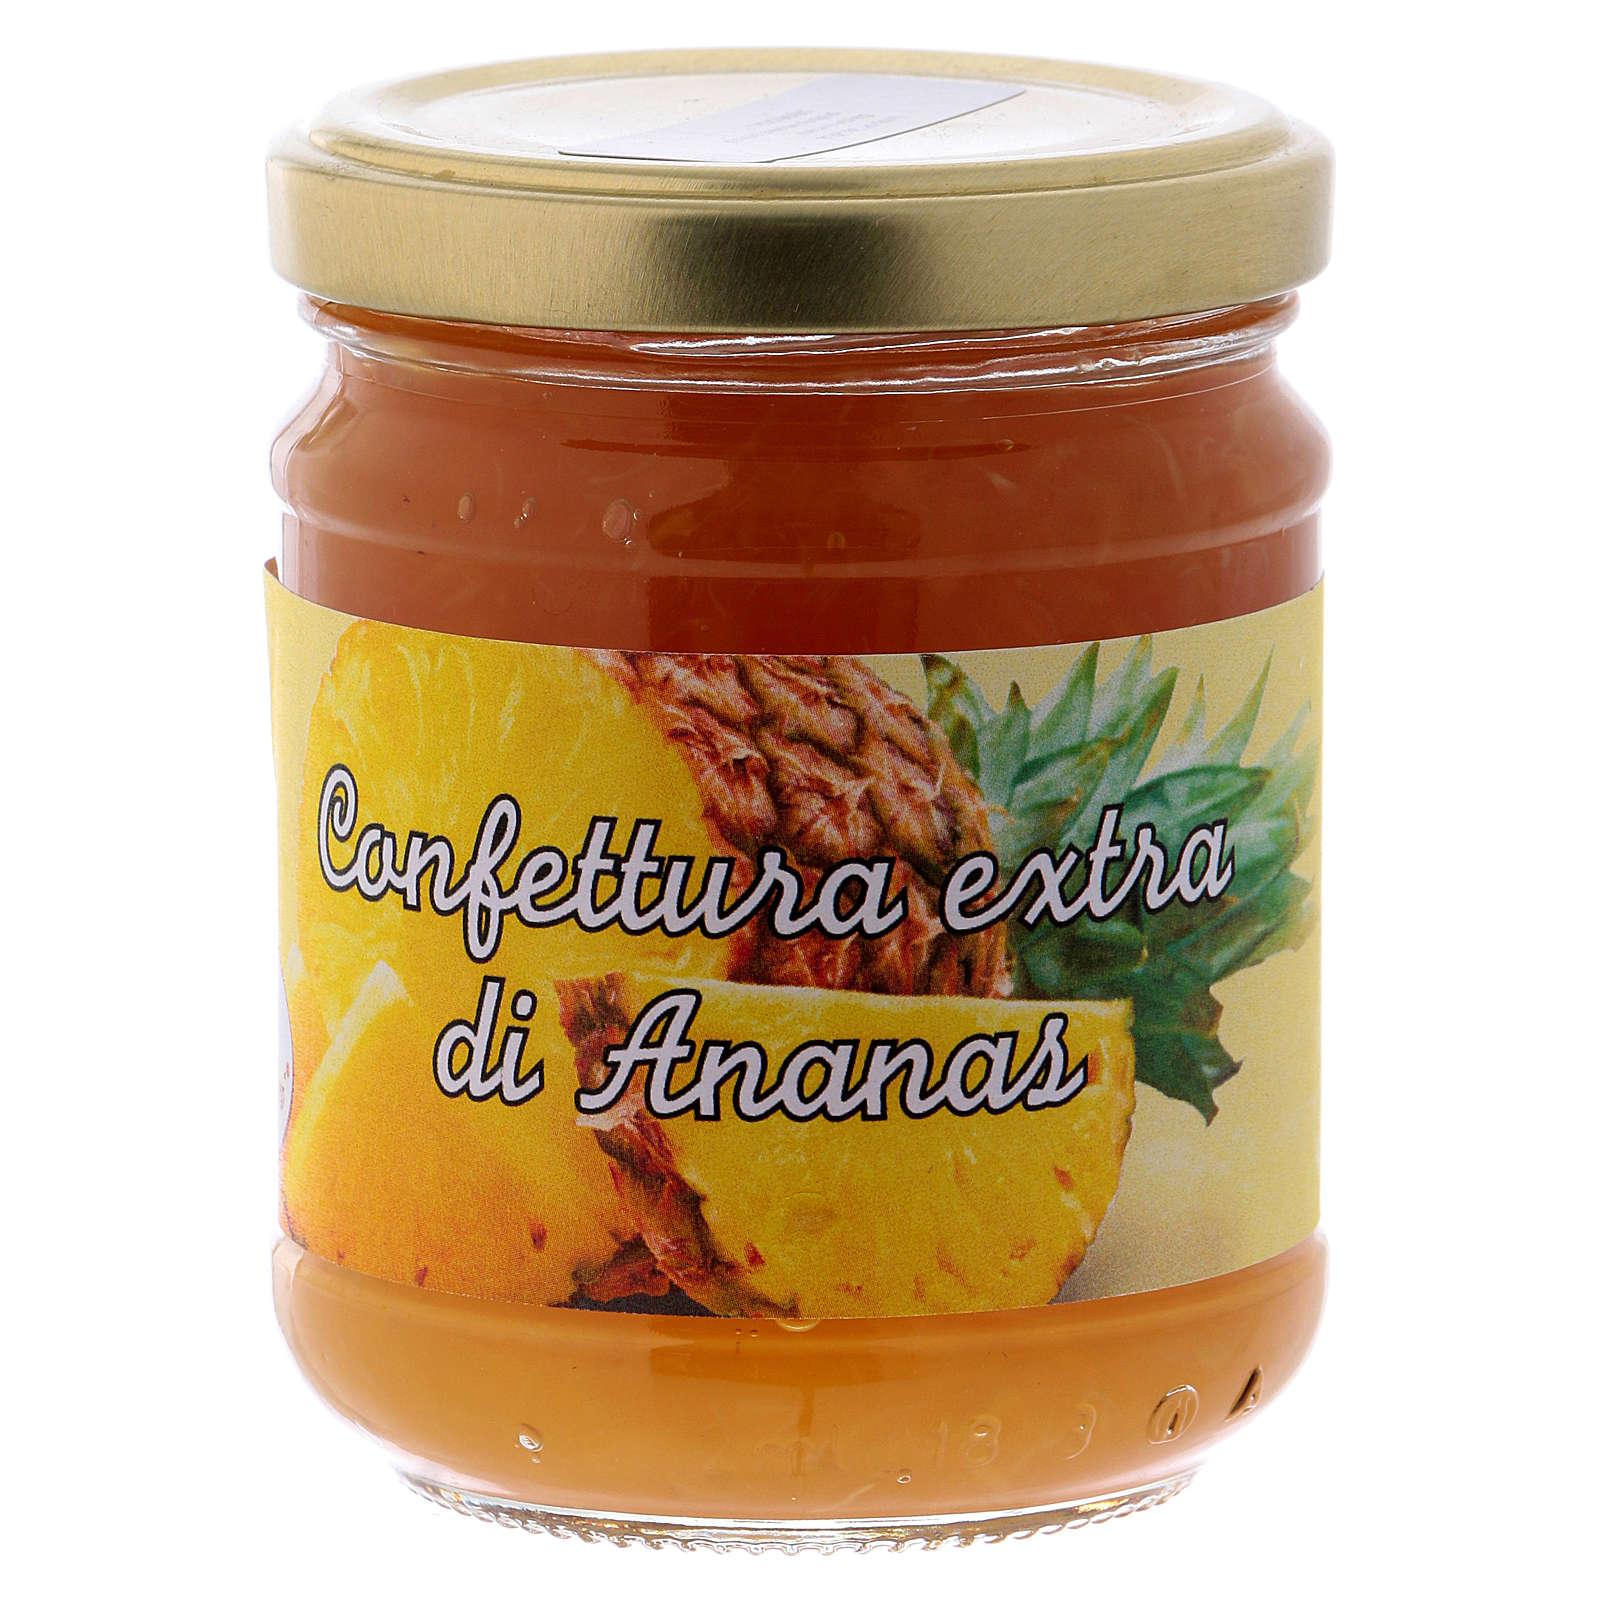 Confettura extra di Ananas 220 g di Sant'Antonio di Padova 3